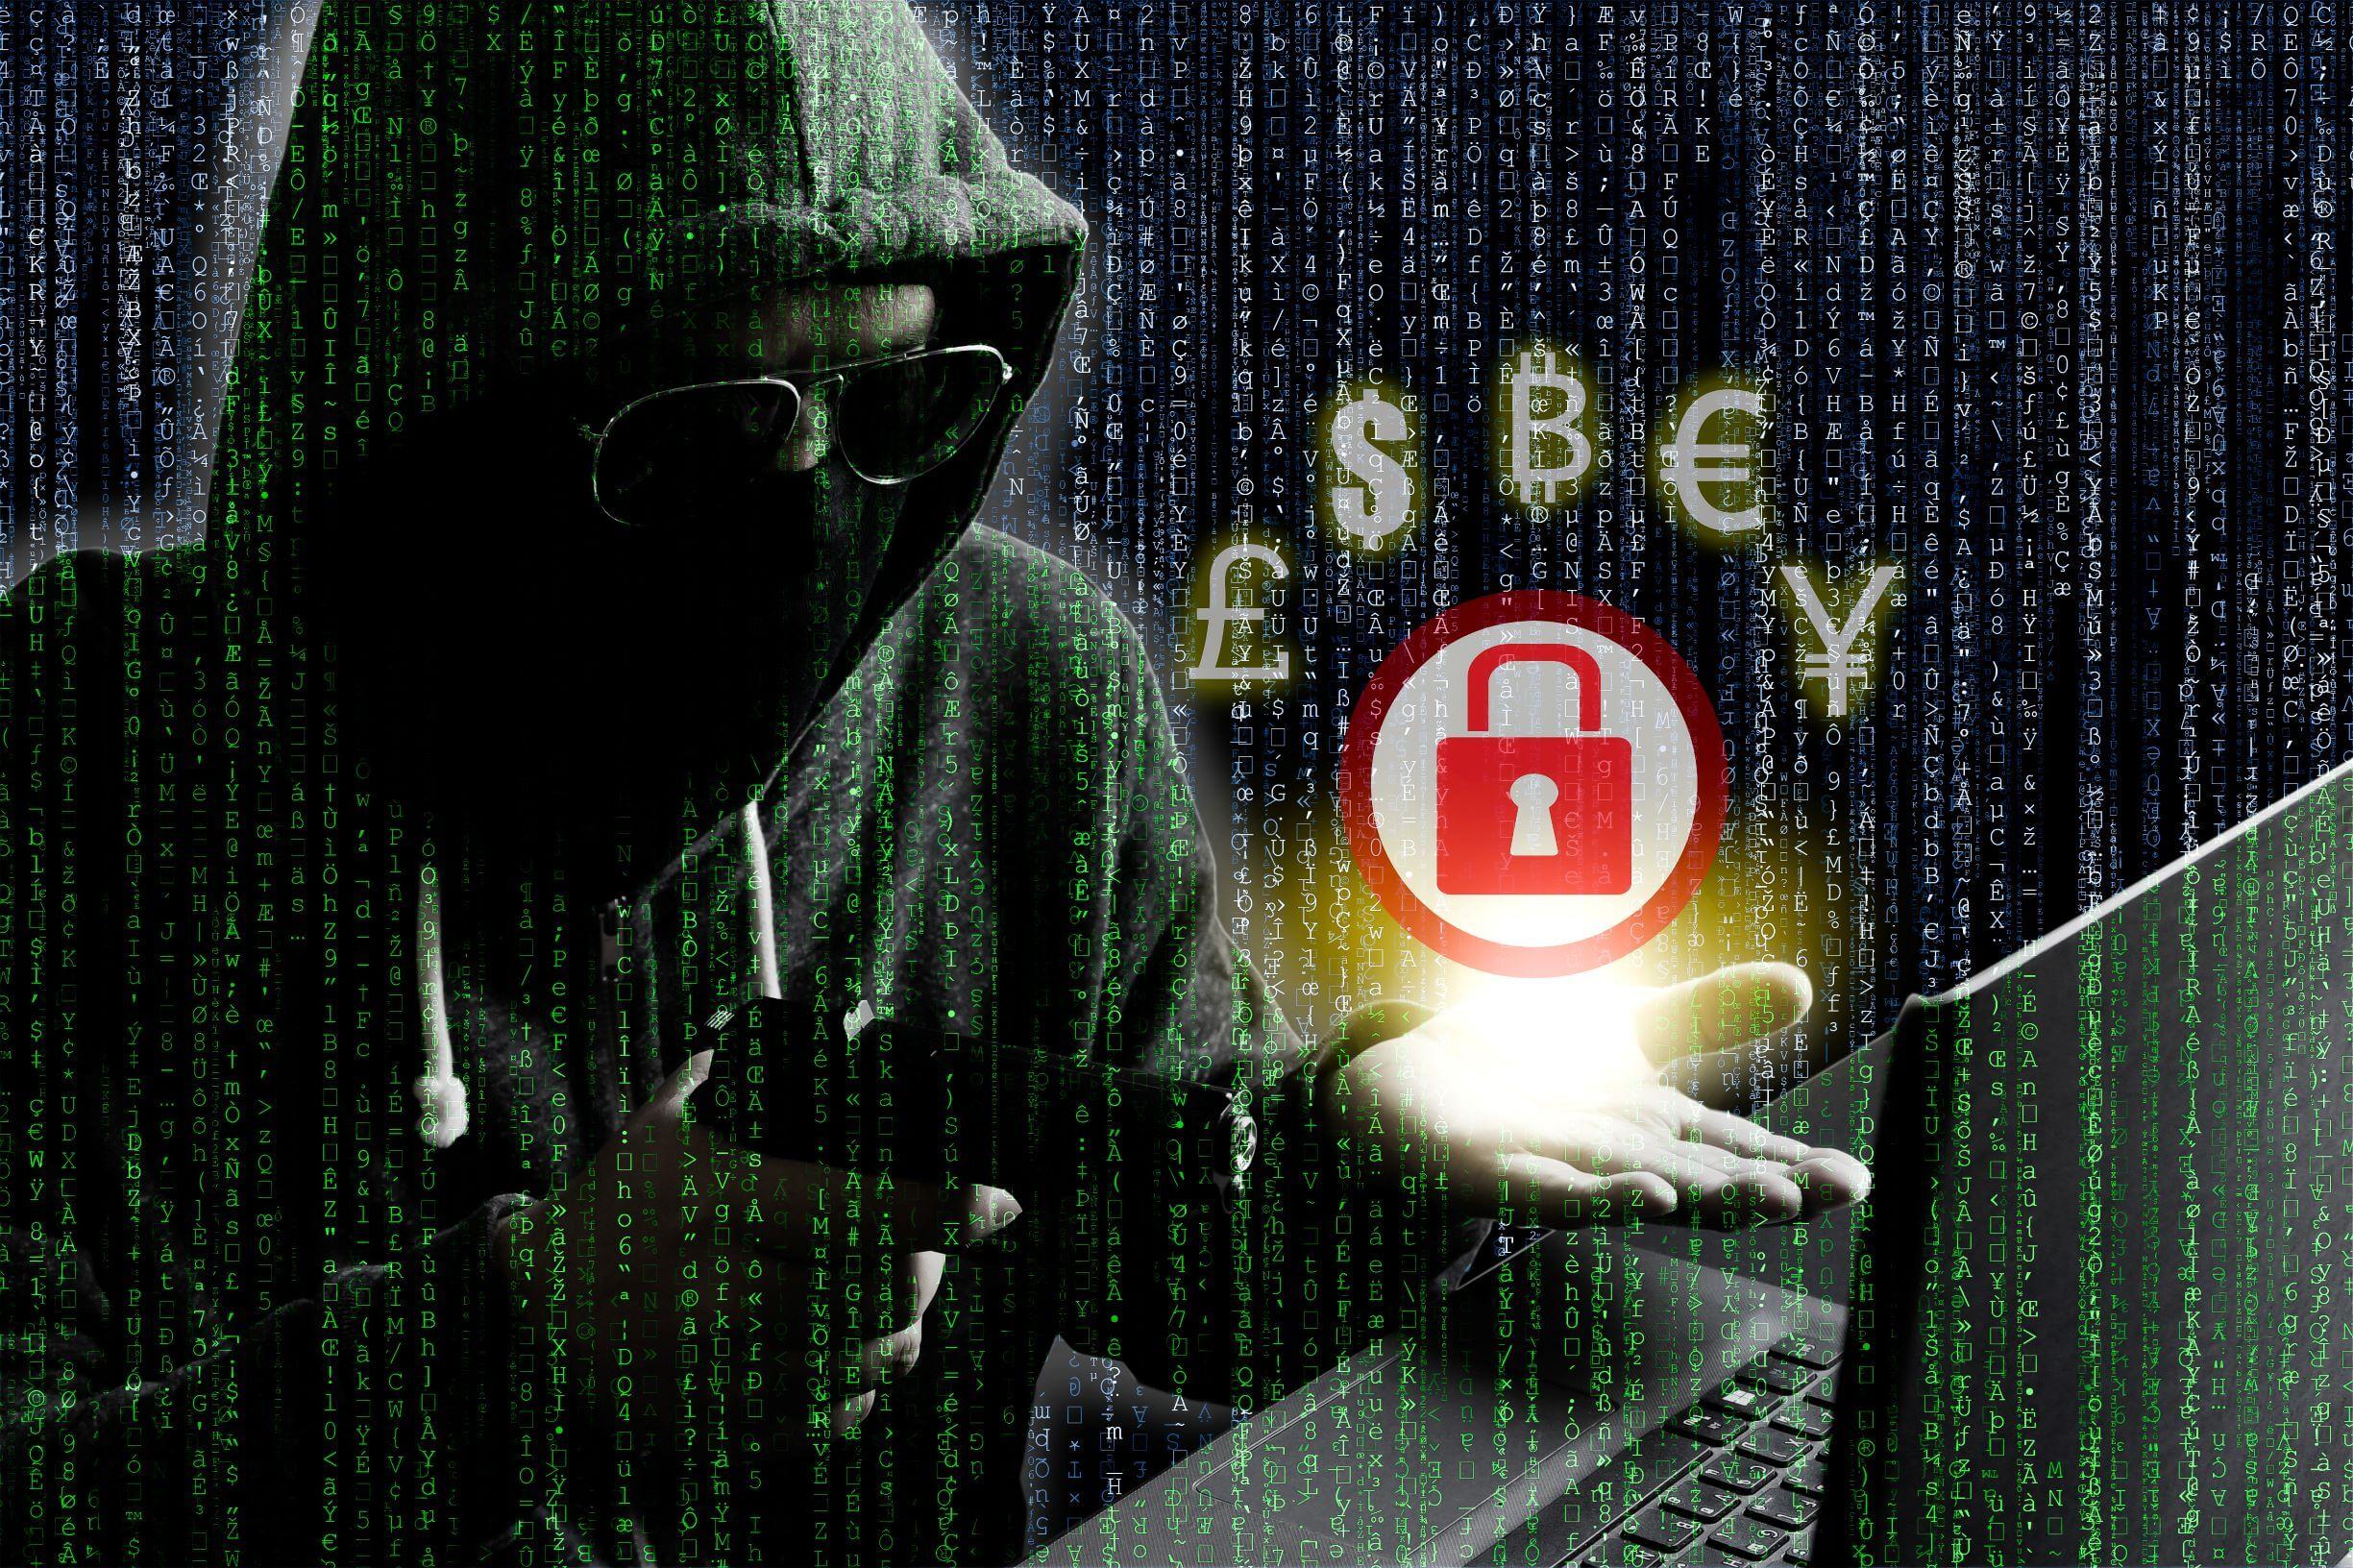 Travelex Cyber-attack Timeline